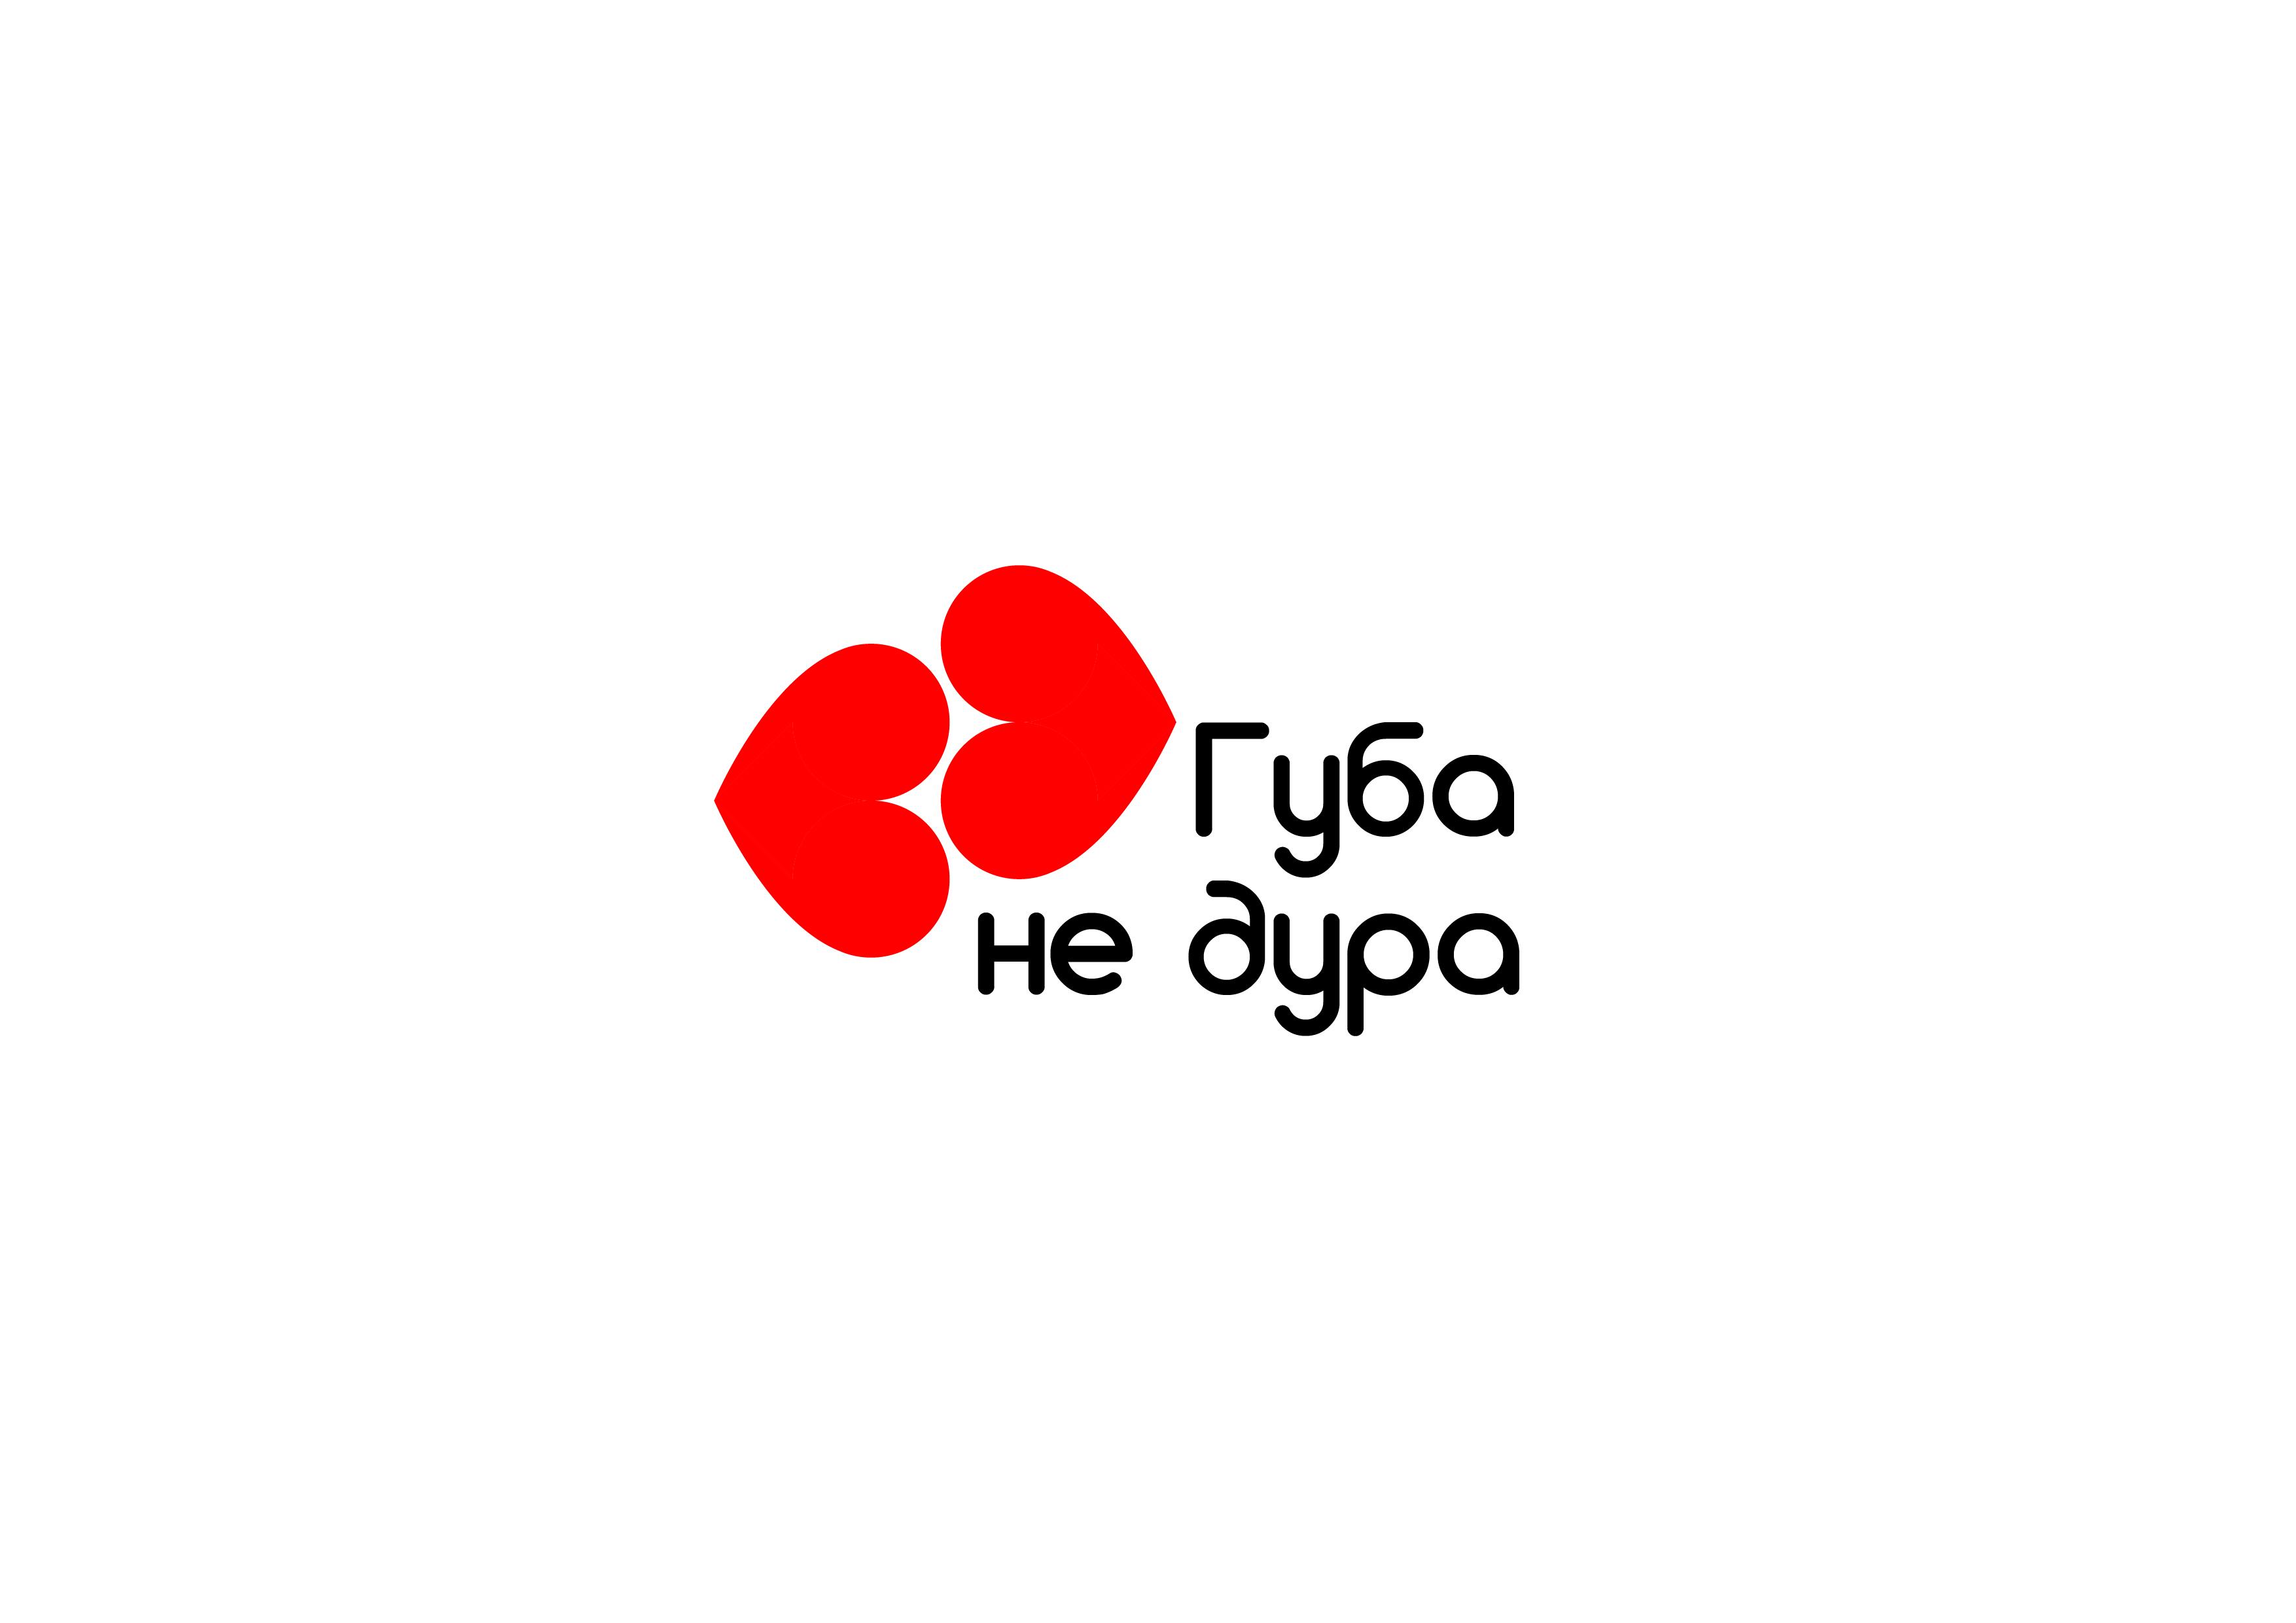 Улучшить и так хороший Товарный Знак фото f_9915eeddfcb654c1.jpg